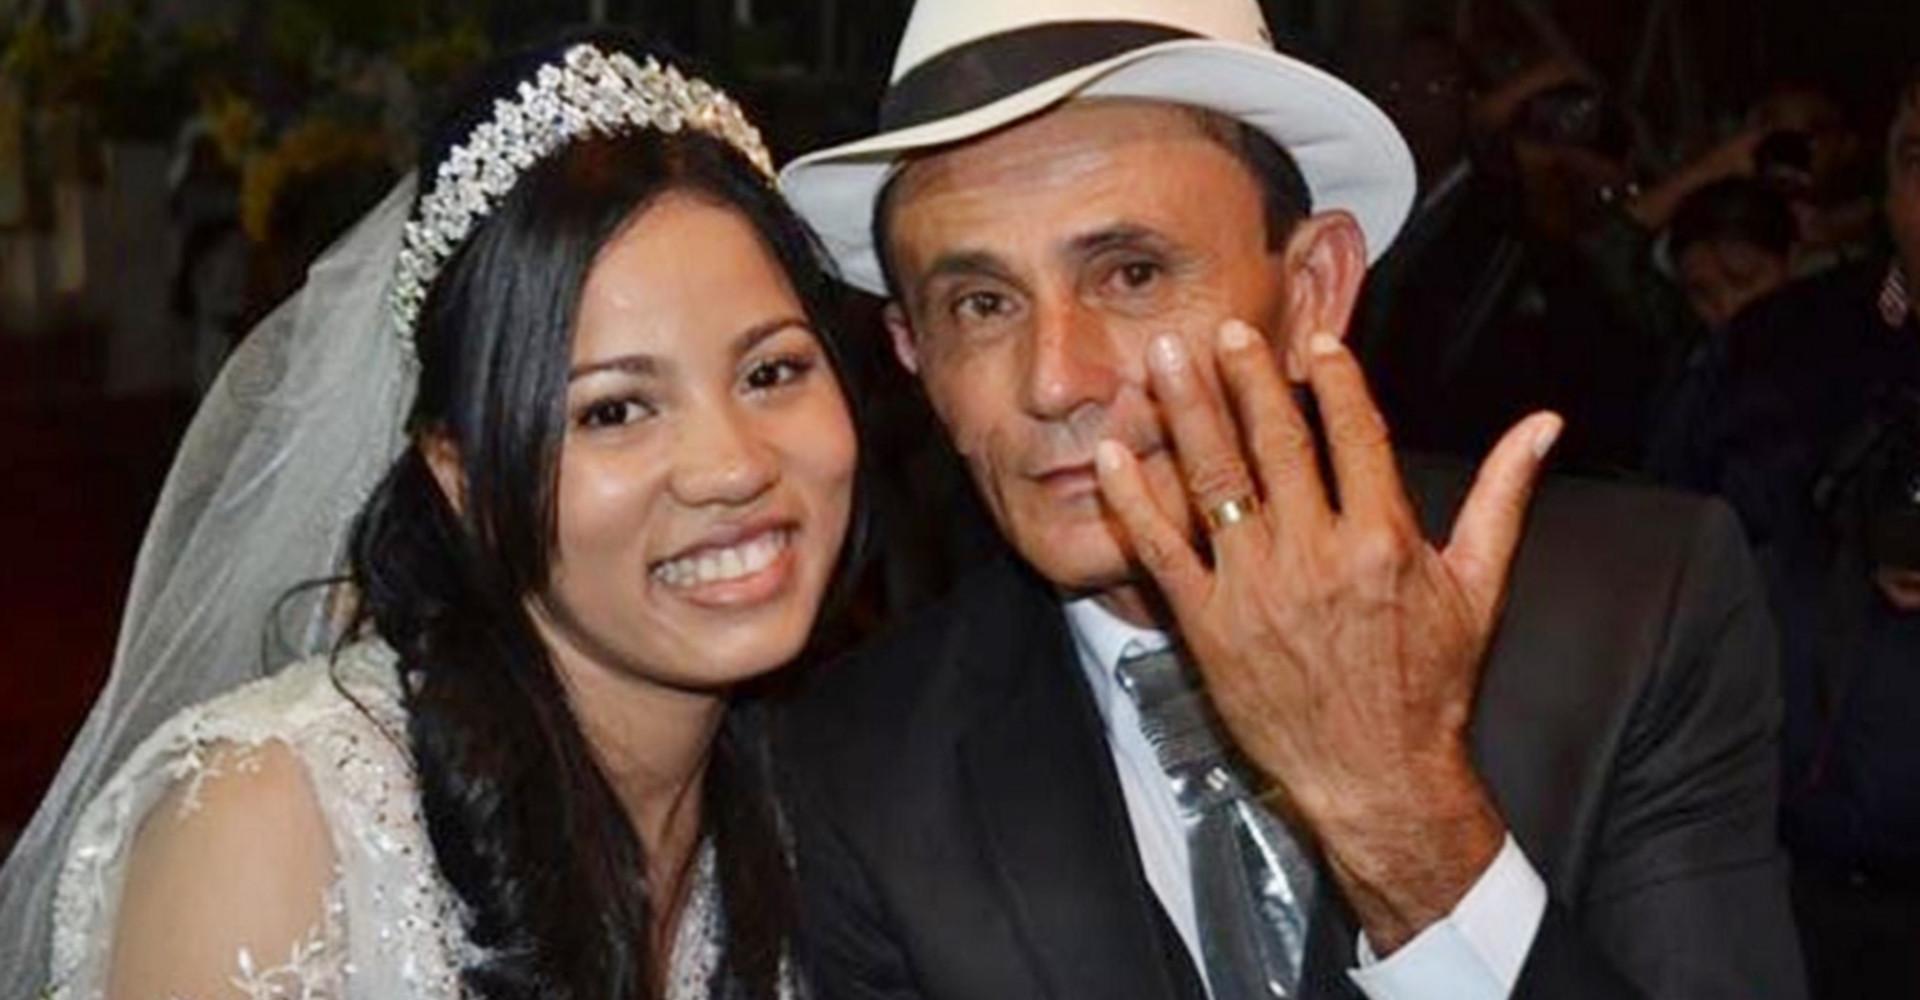 Sthefany Absoluta se separa e ex-marido acusa cantora de ter dado golpe